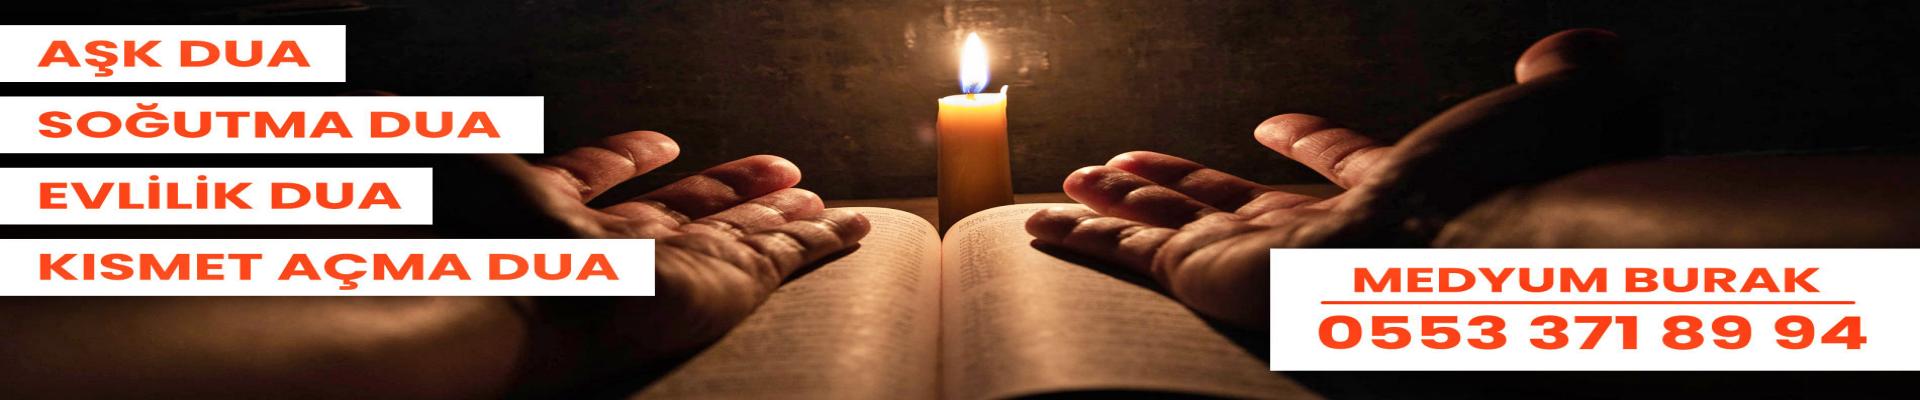 Dua |  Nedir, Nasıl Edilir, Aşk Duası